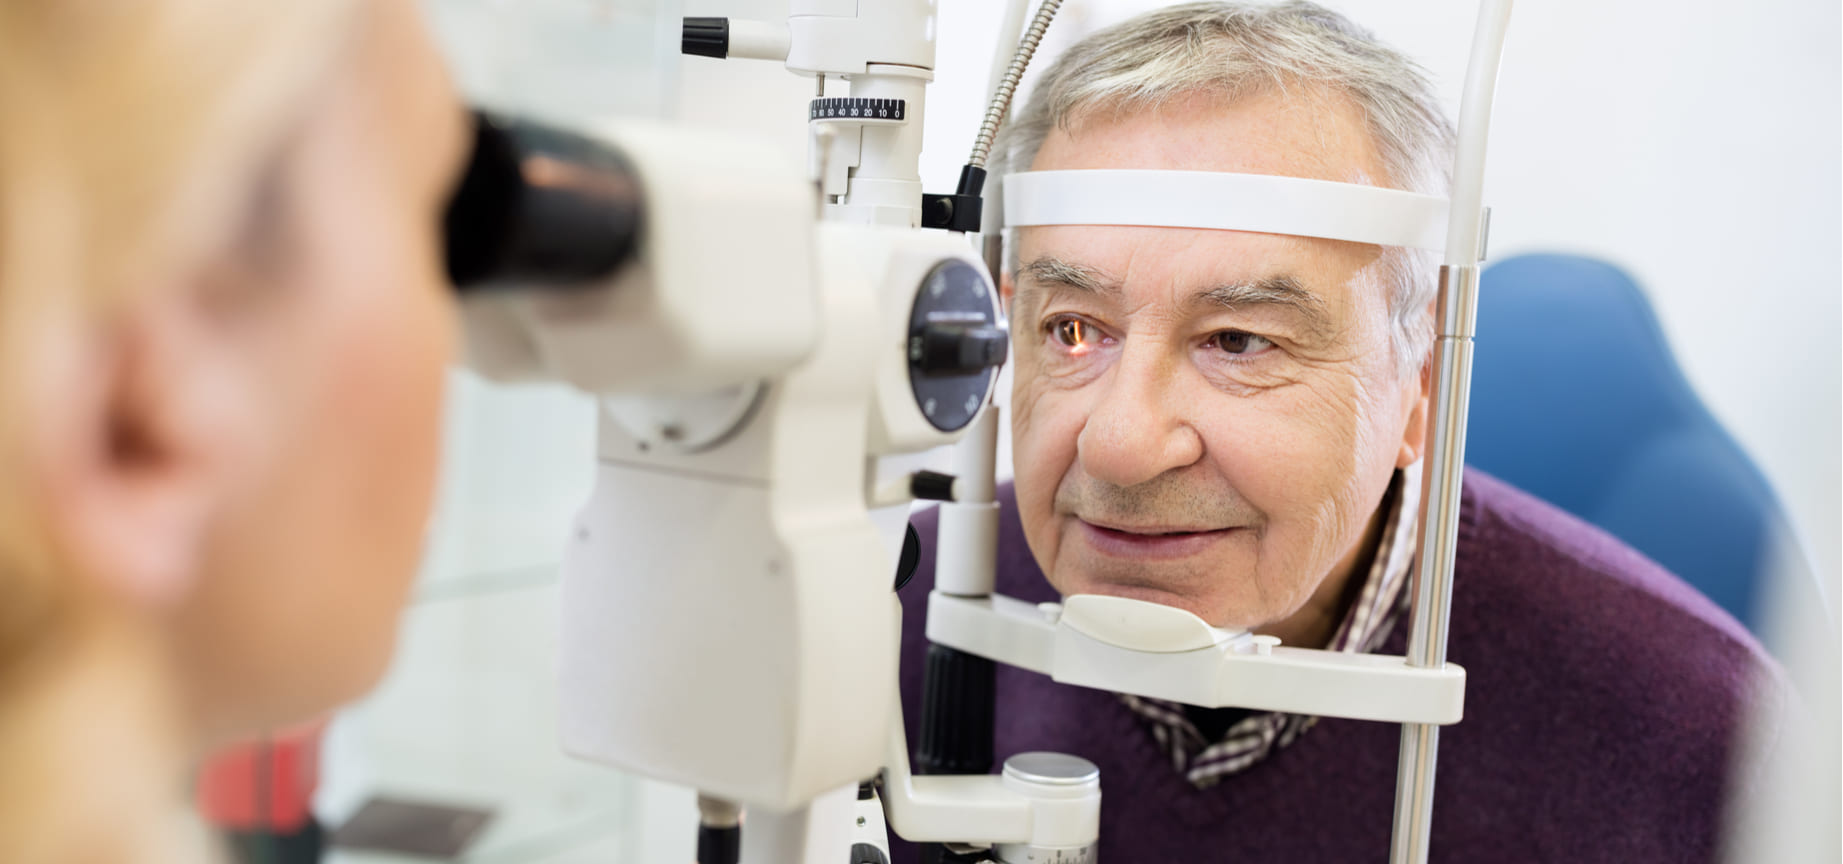 La hipertensión afecta la visión del paciente